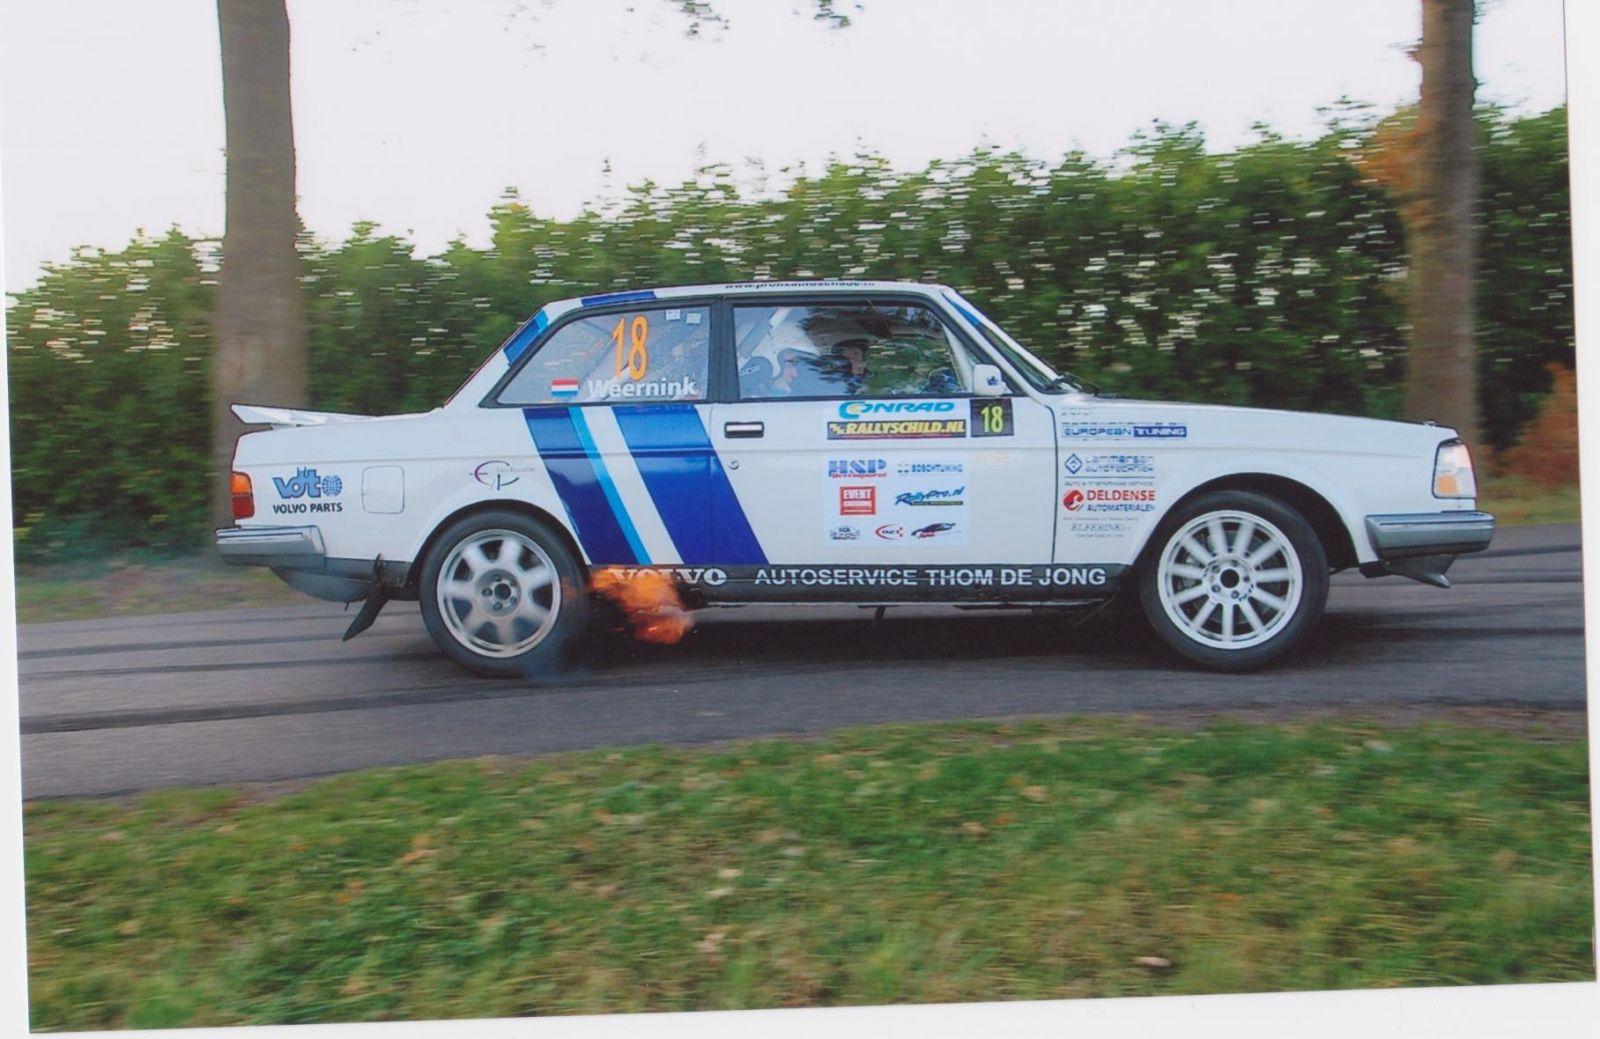 Deldense deelname bij start rallyseizoen